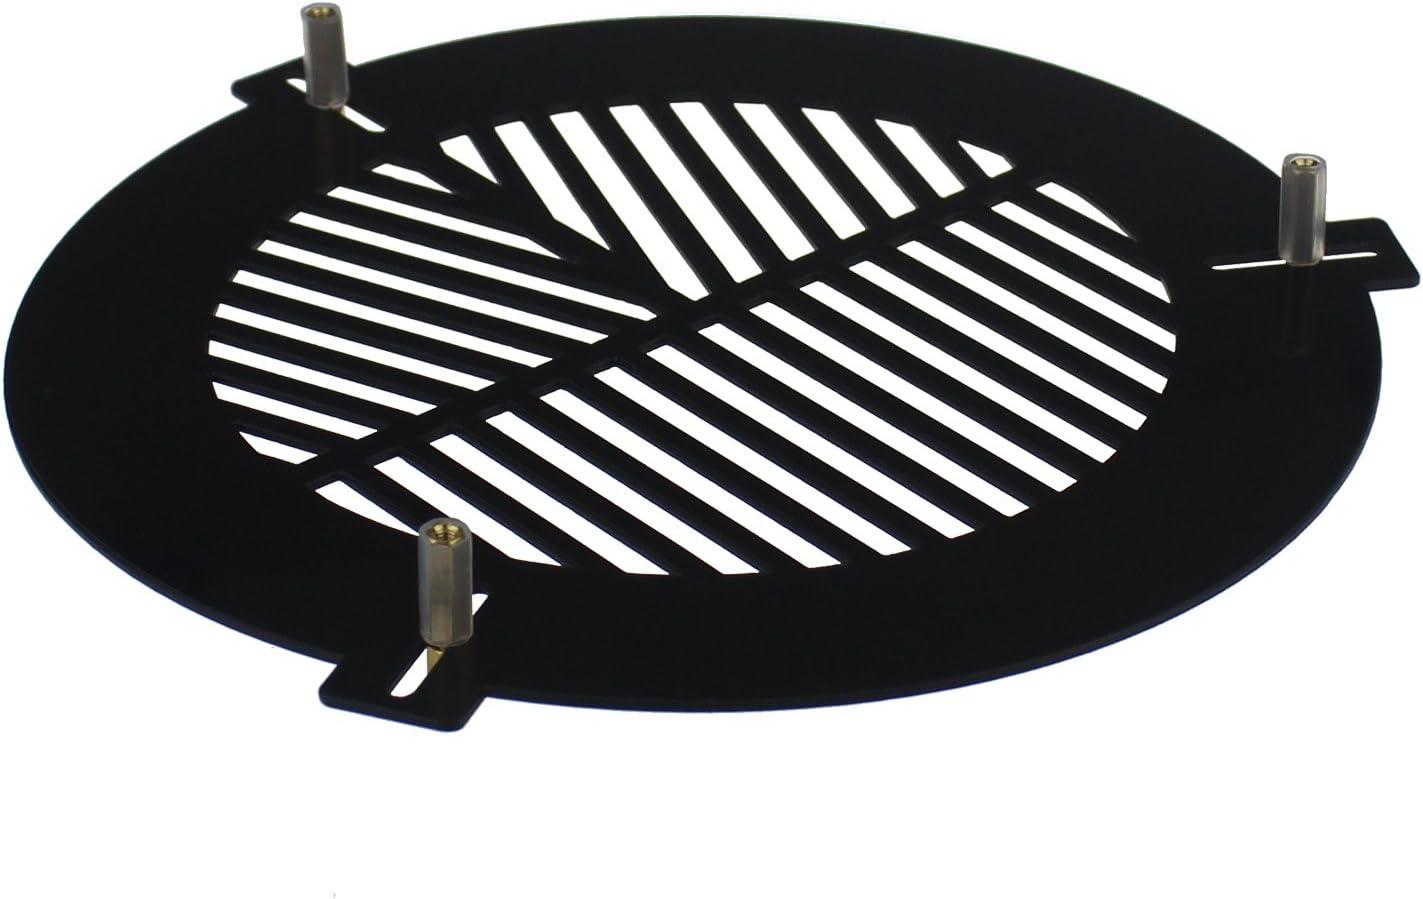 Solomark Bahtinov Focus Mask for Telescopes 100mm-suitable for 100mm Diameter Telescope